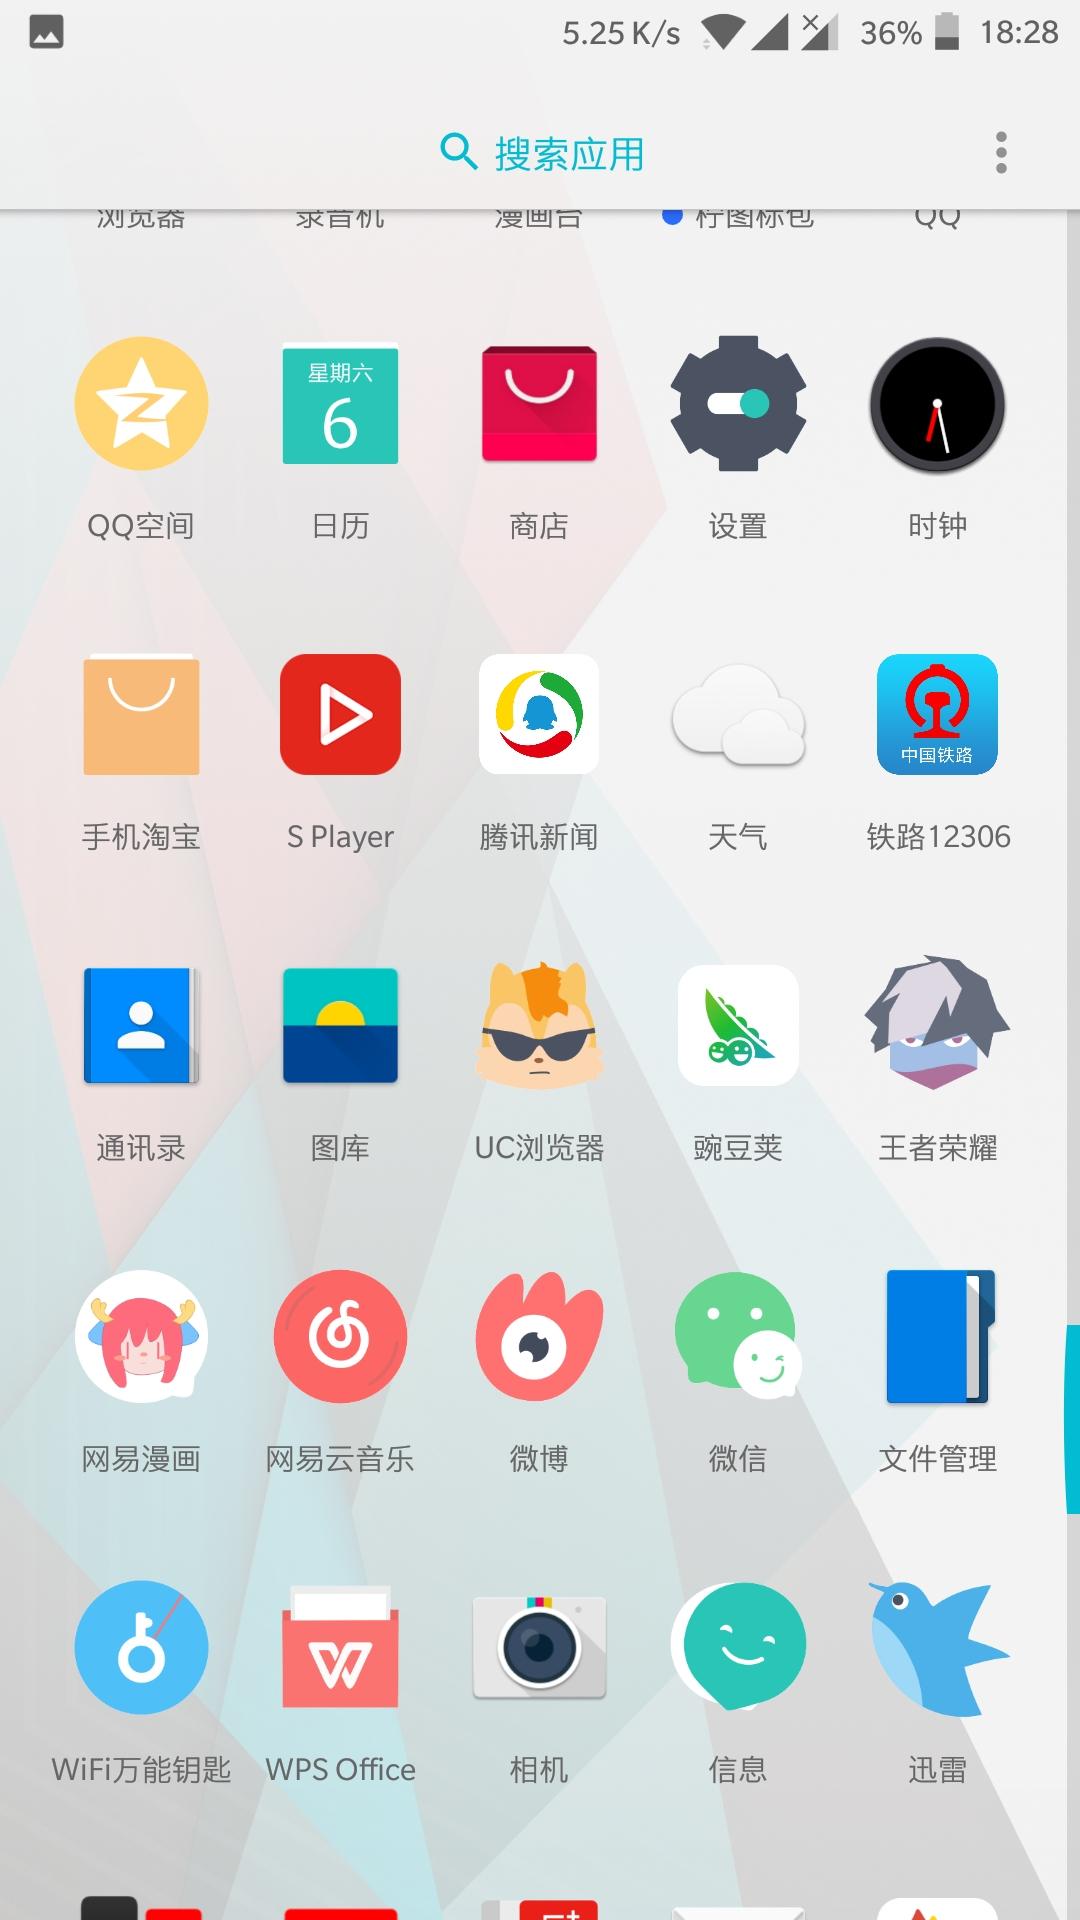 Screenshot_20180611-182826.jpg